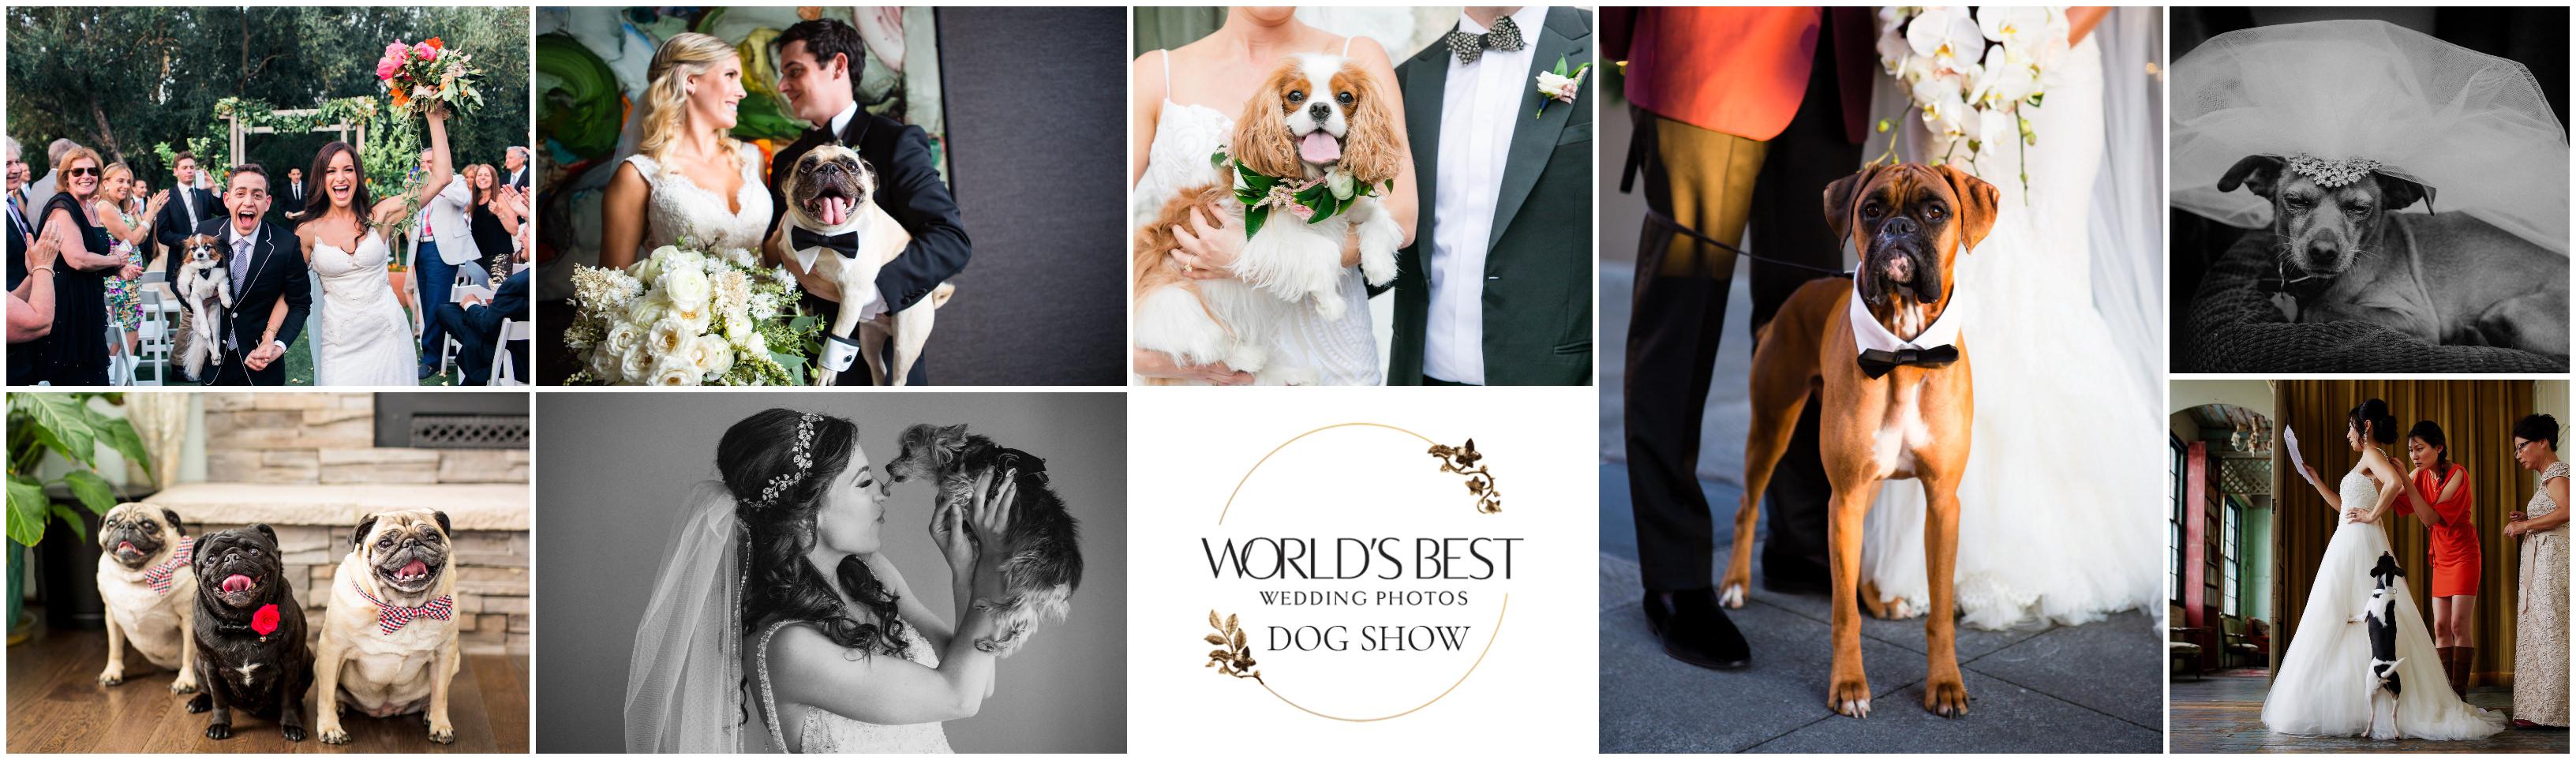 World's Best Wedding Photos Dog Show Contest